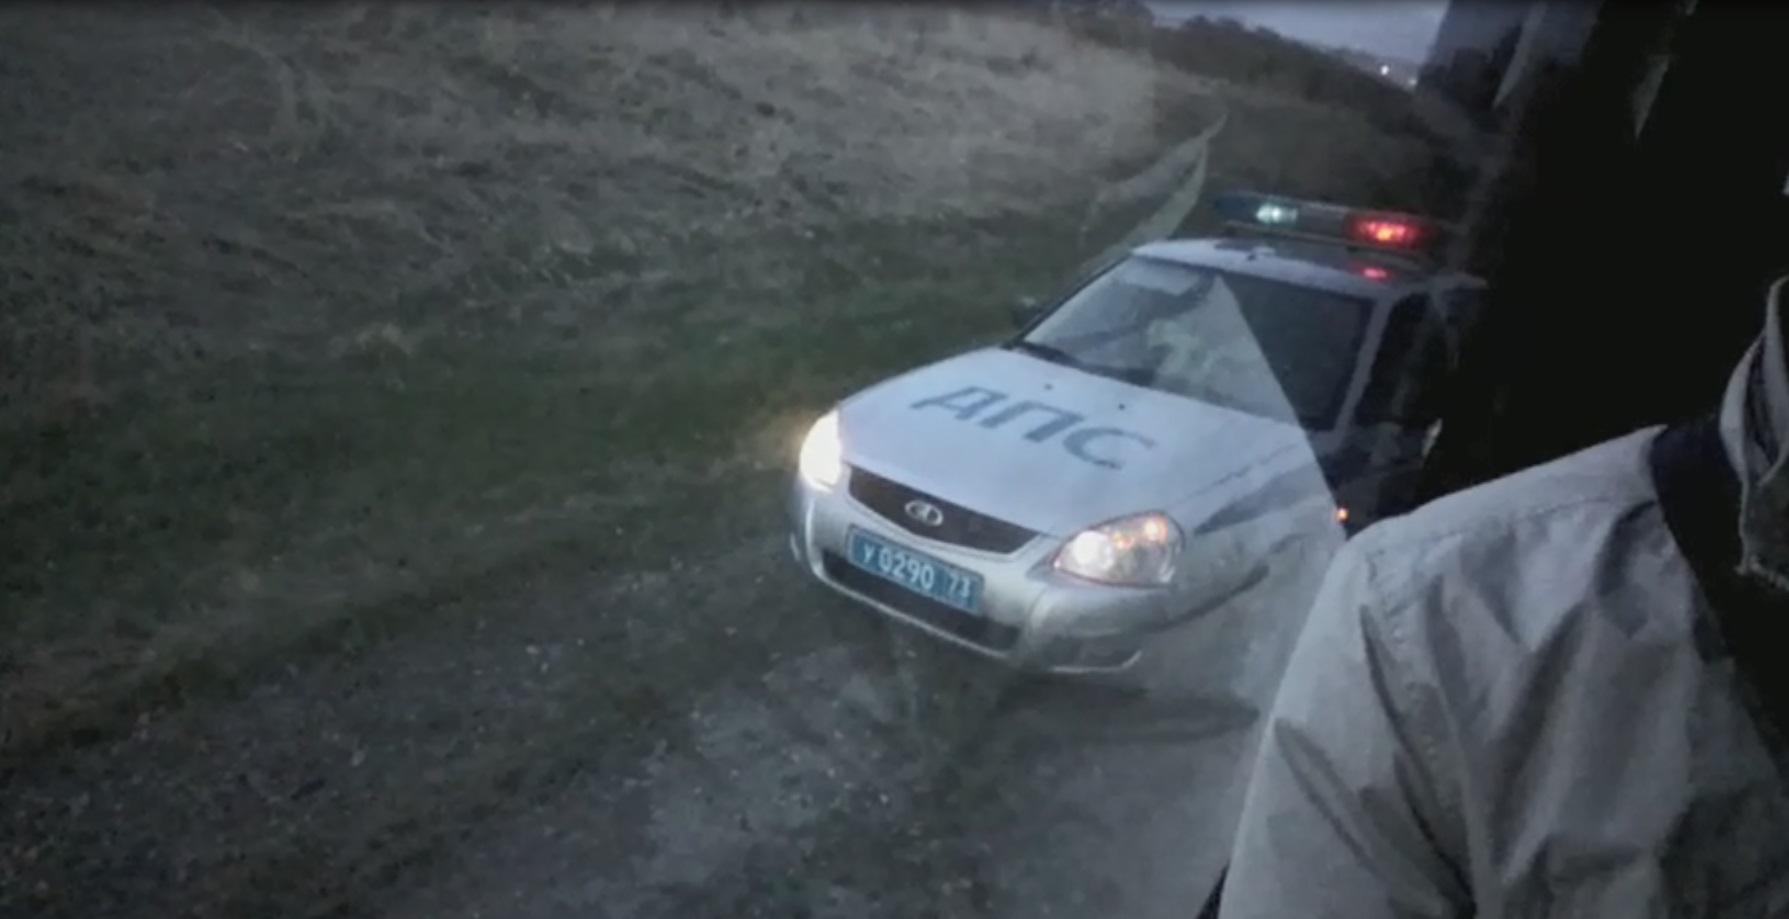 Задержание автобуса с интервьюерами Агентства по культурно-социальным исследованиям общества. Ульяновская область